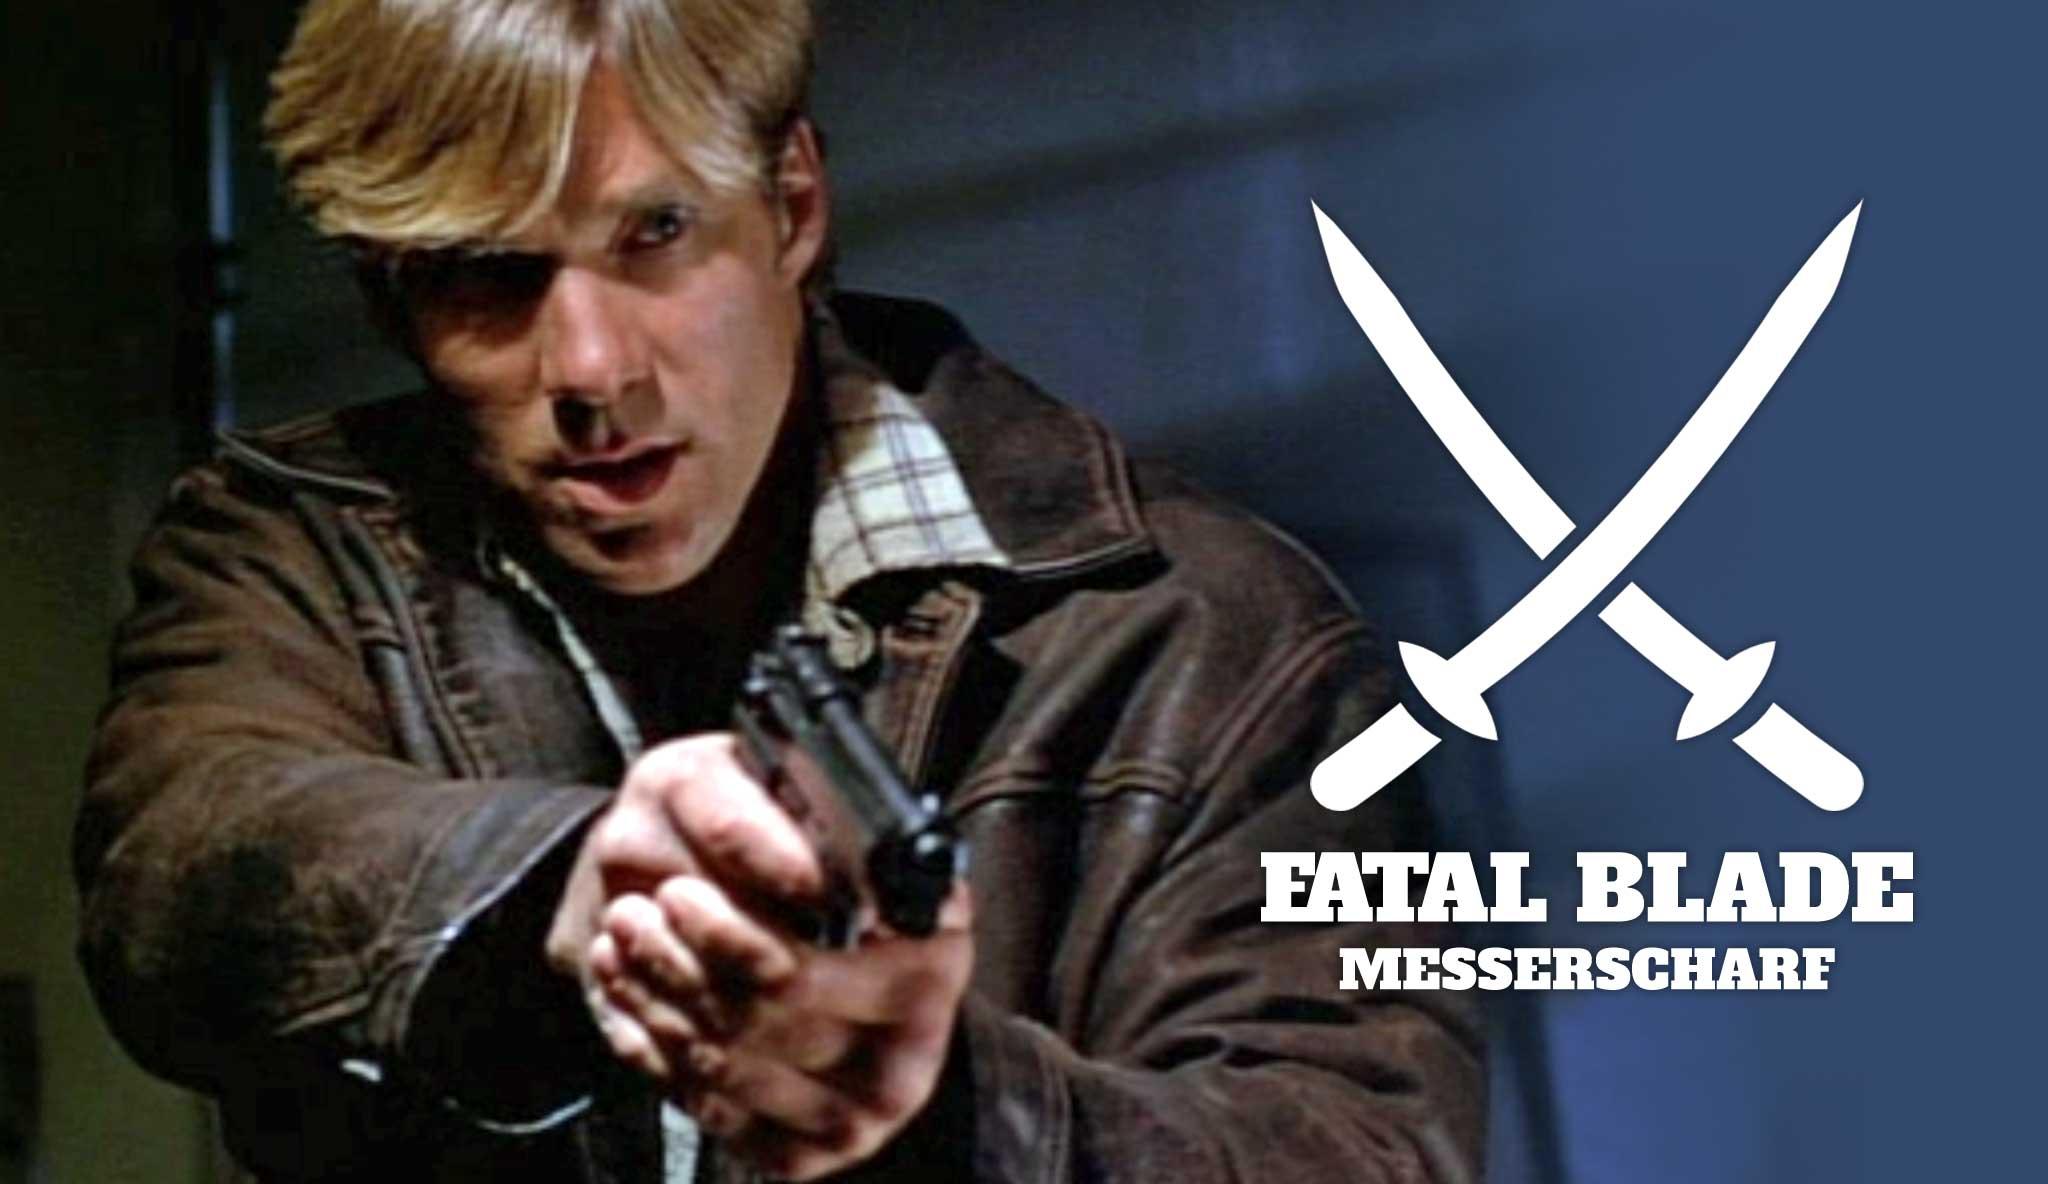 fatal-blade-messerscharf\header.jpg